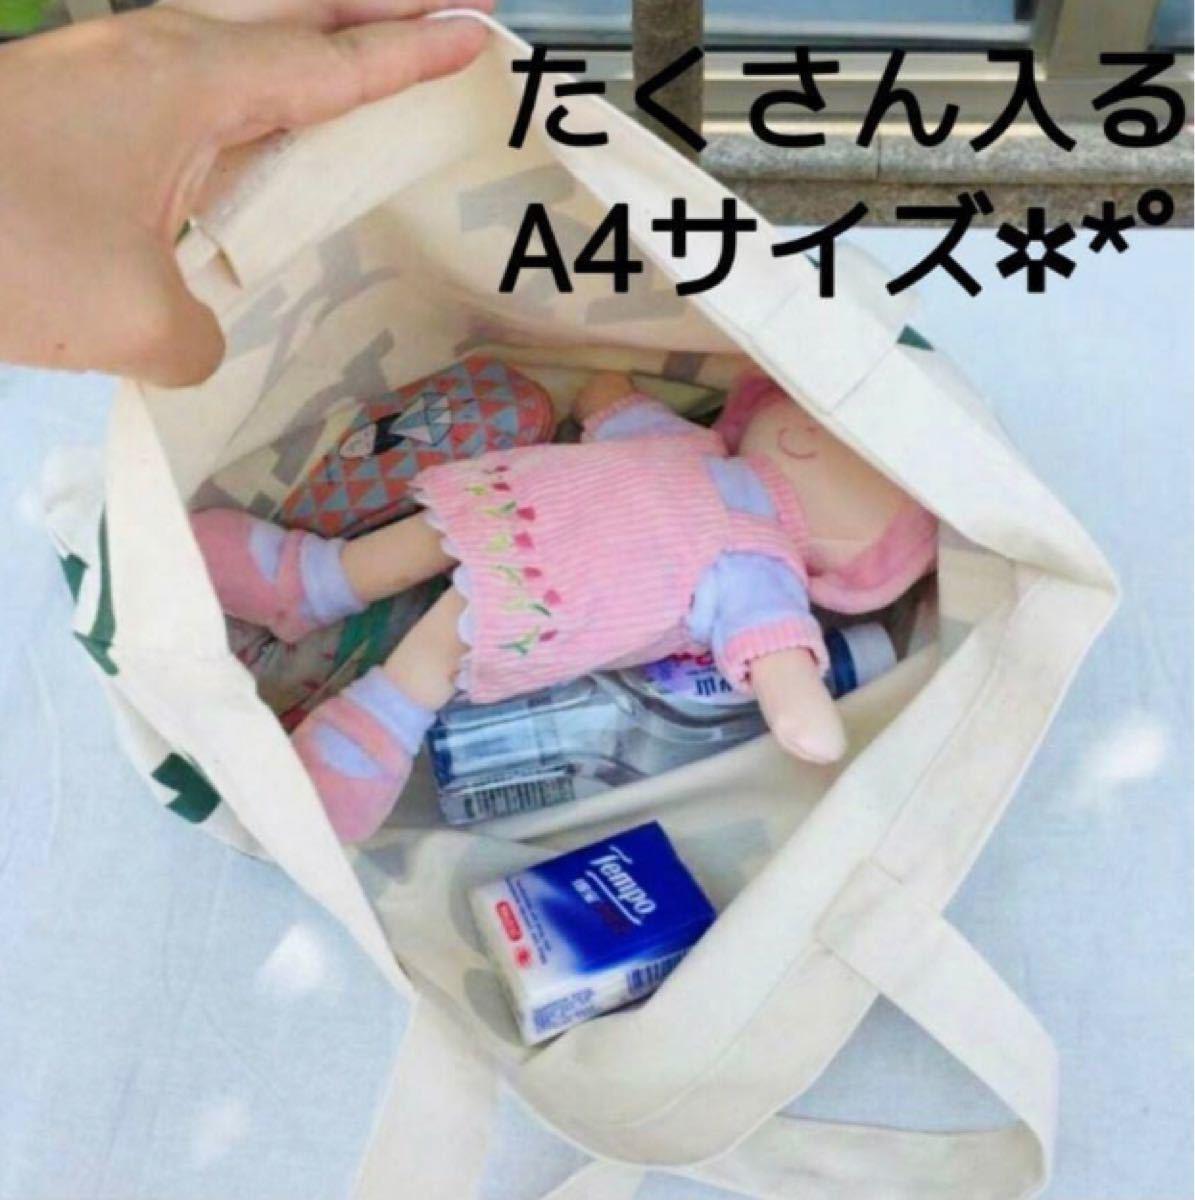 マリメッコ柄 marimekko ロゴ 北欧デザイン ショルダーバッグ トート エコバッグ キャンバスバッグ バック bag